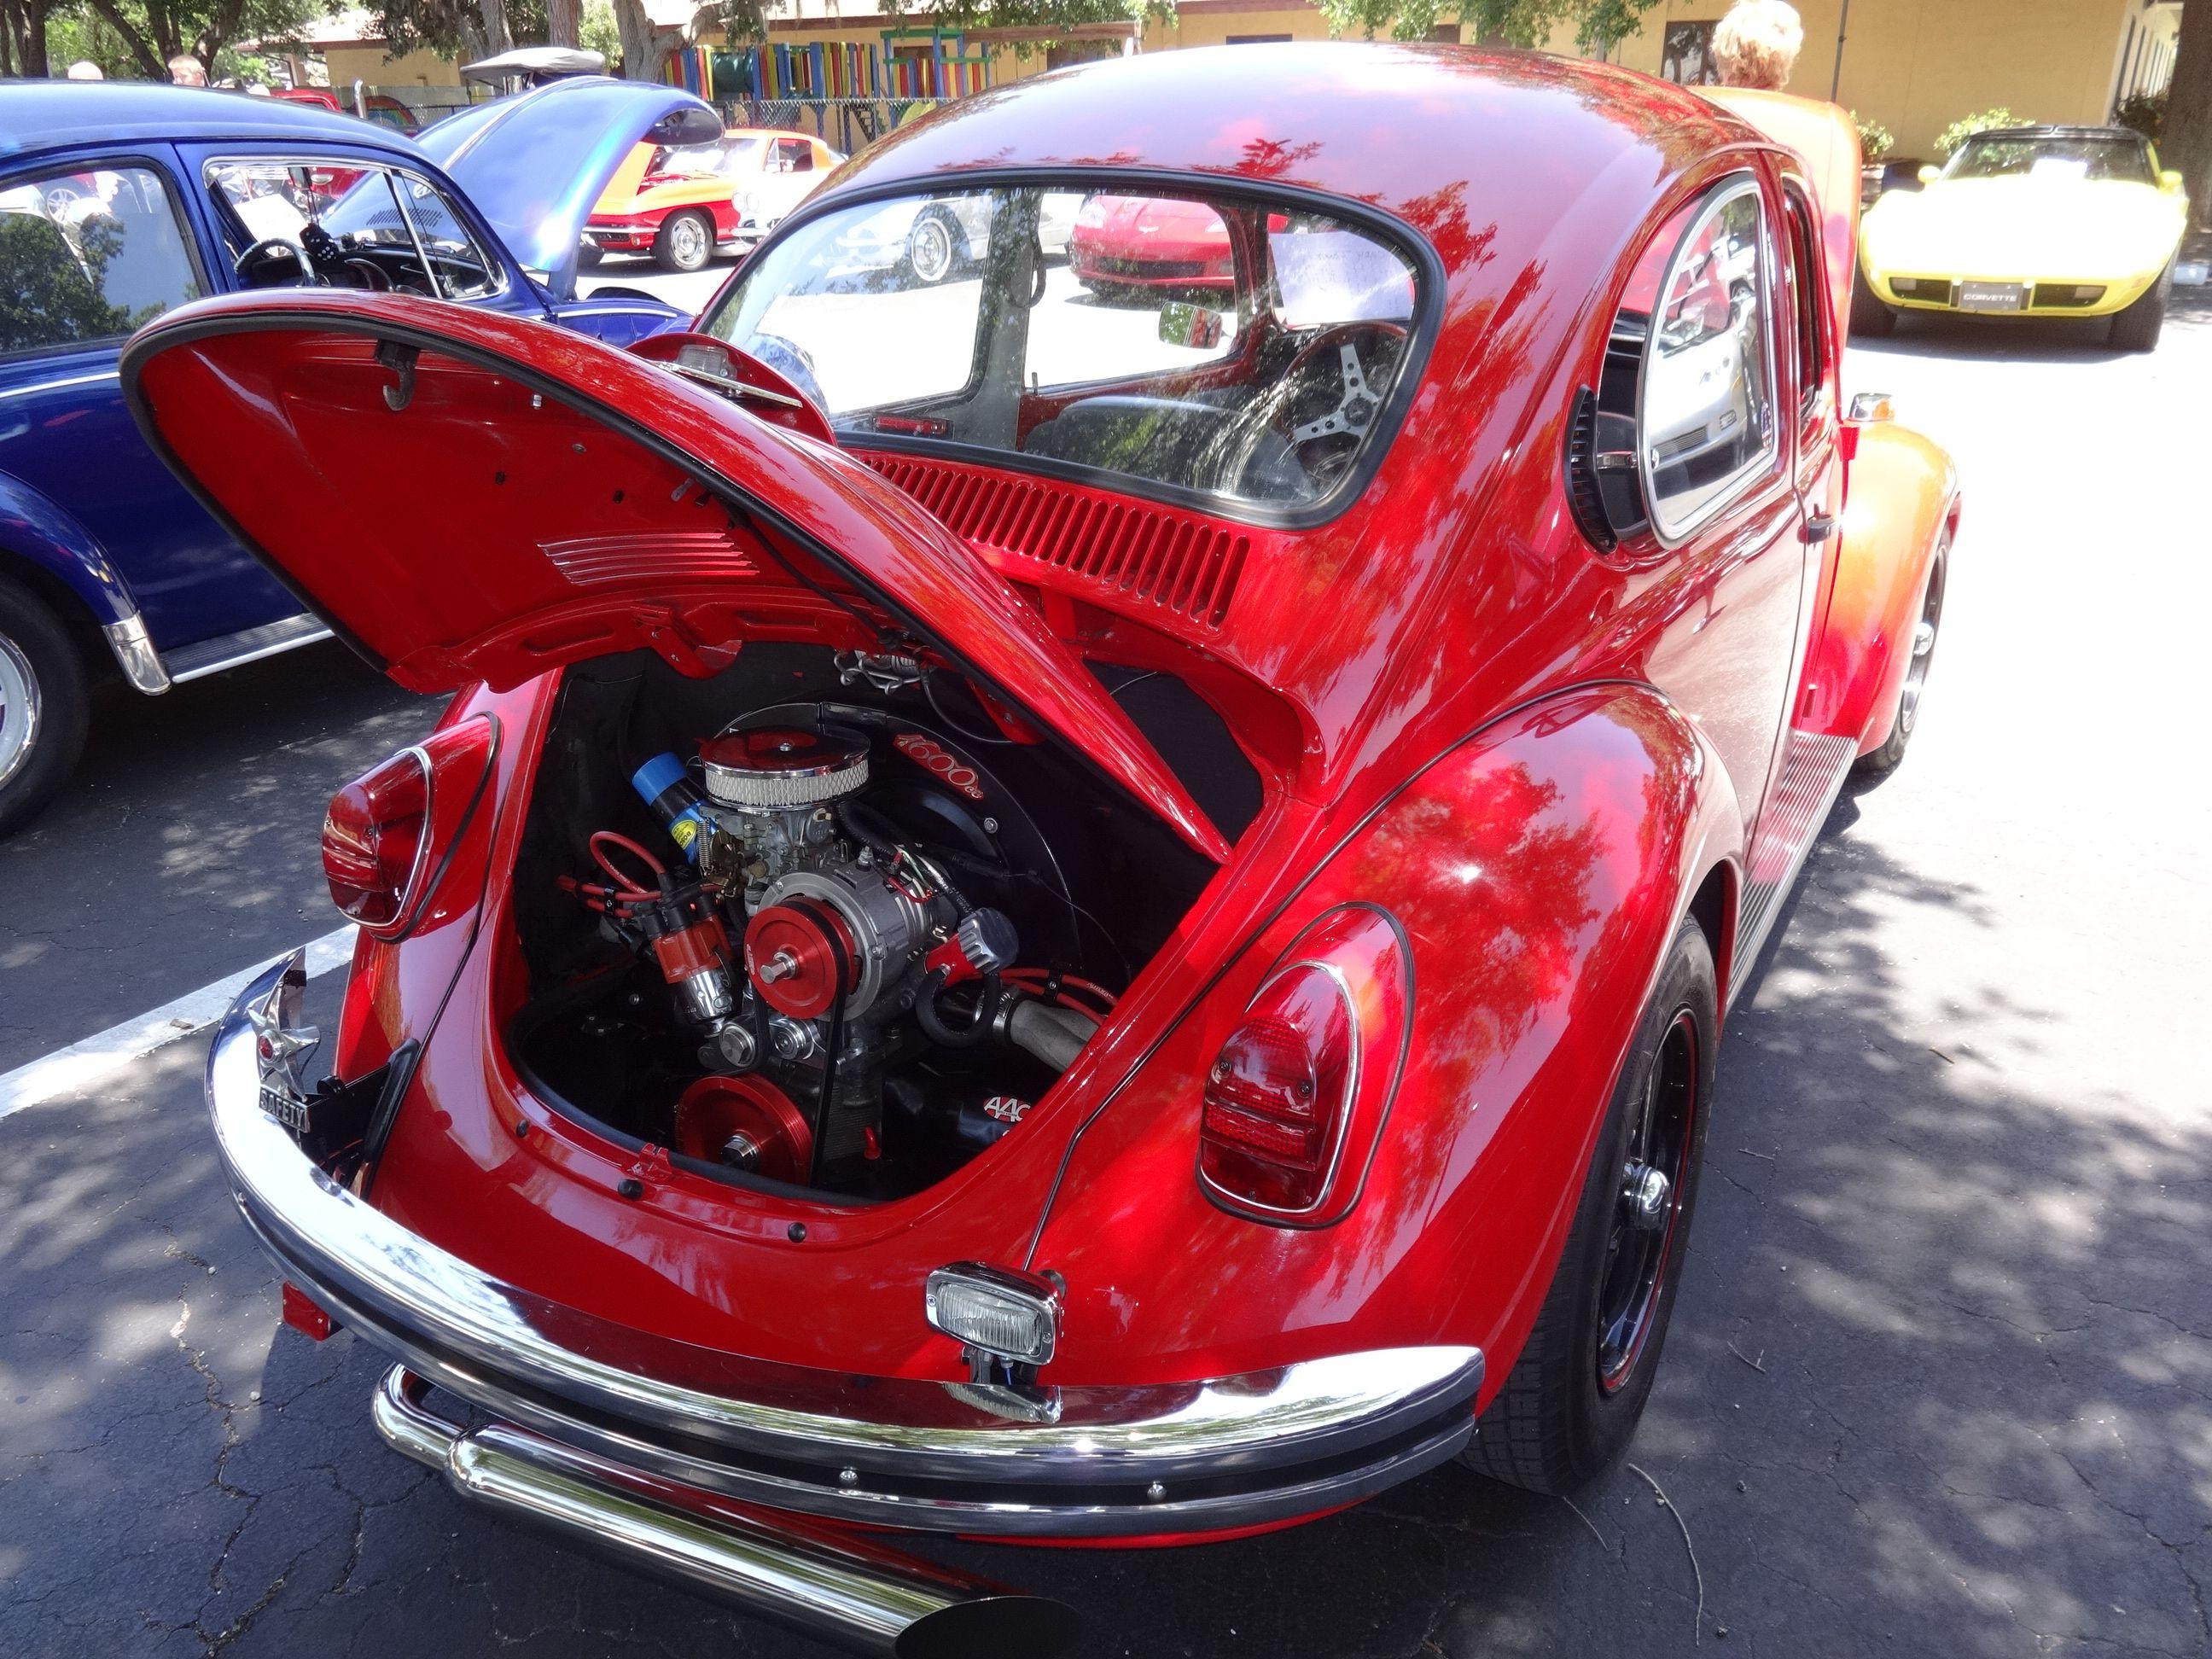 svt photos ride at original specs info jetta modification volkswagen henry el paso